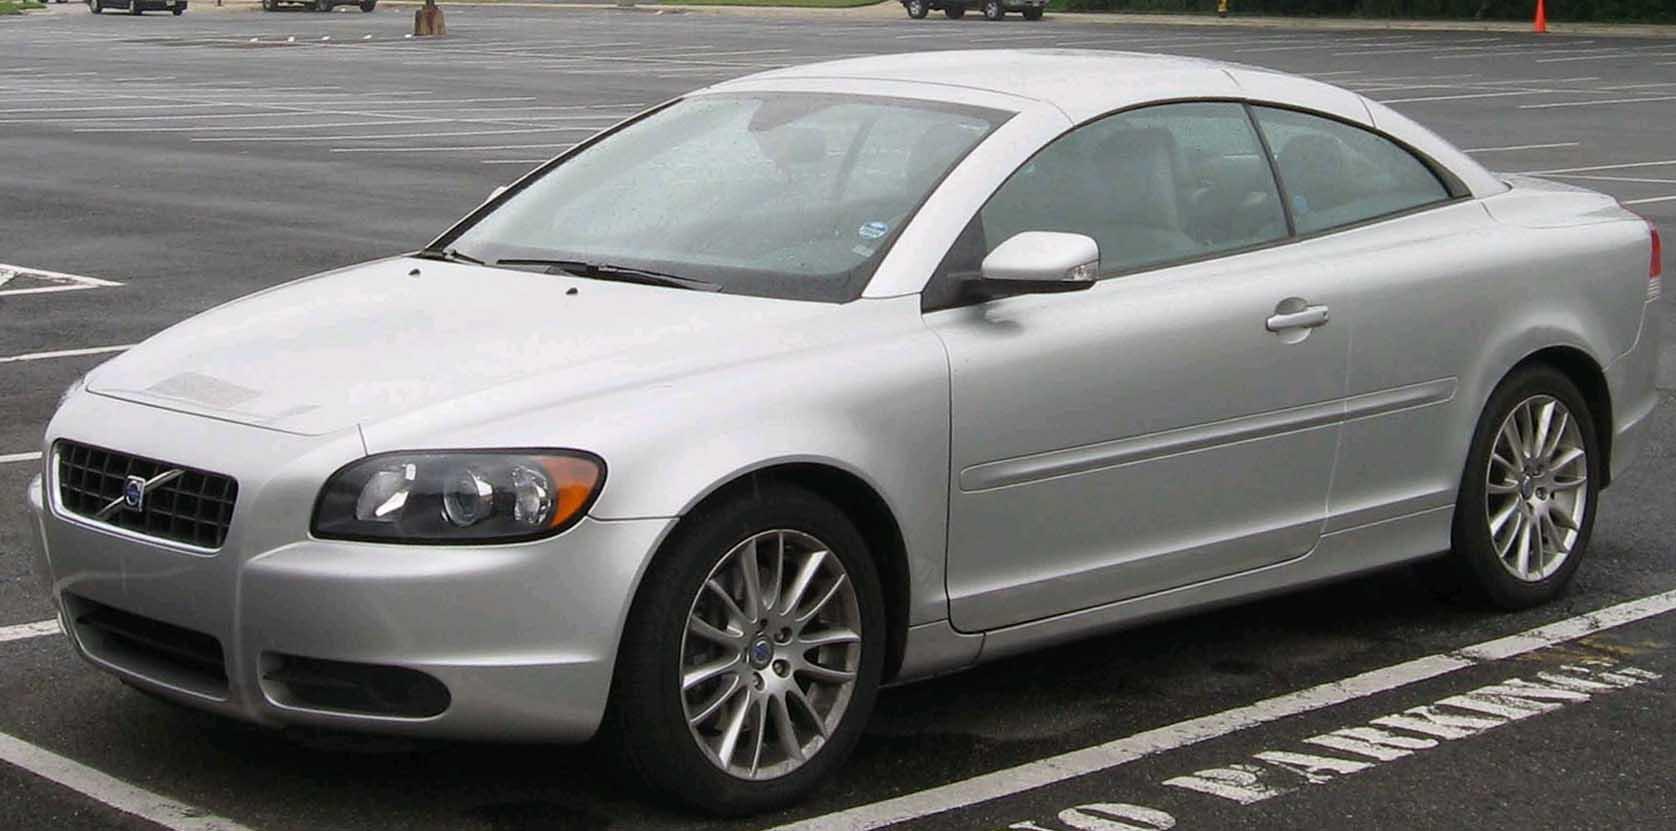 2005 volvo c70 convertible